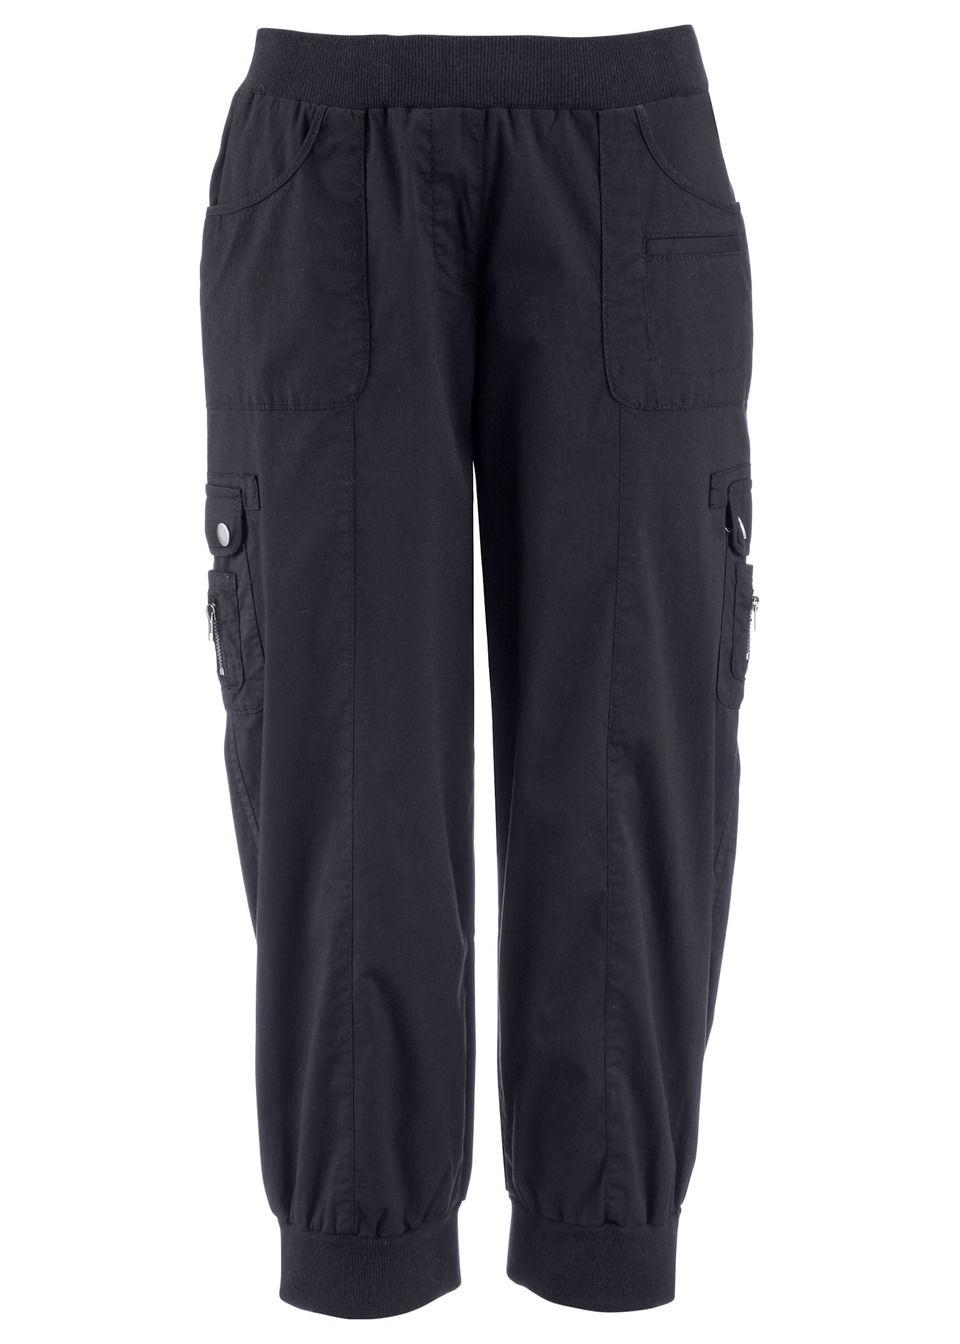 Купить Эластичные брюки-карго 3/4, bonprix, черный